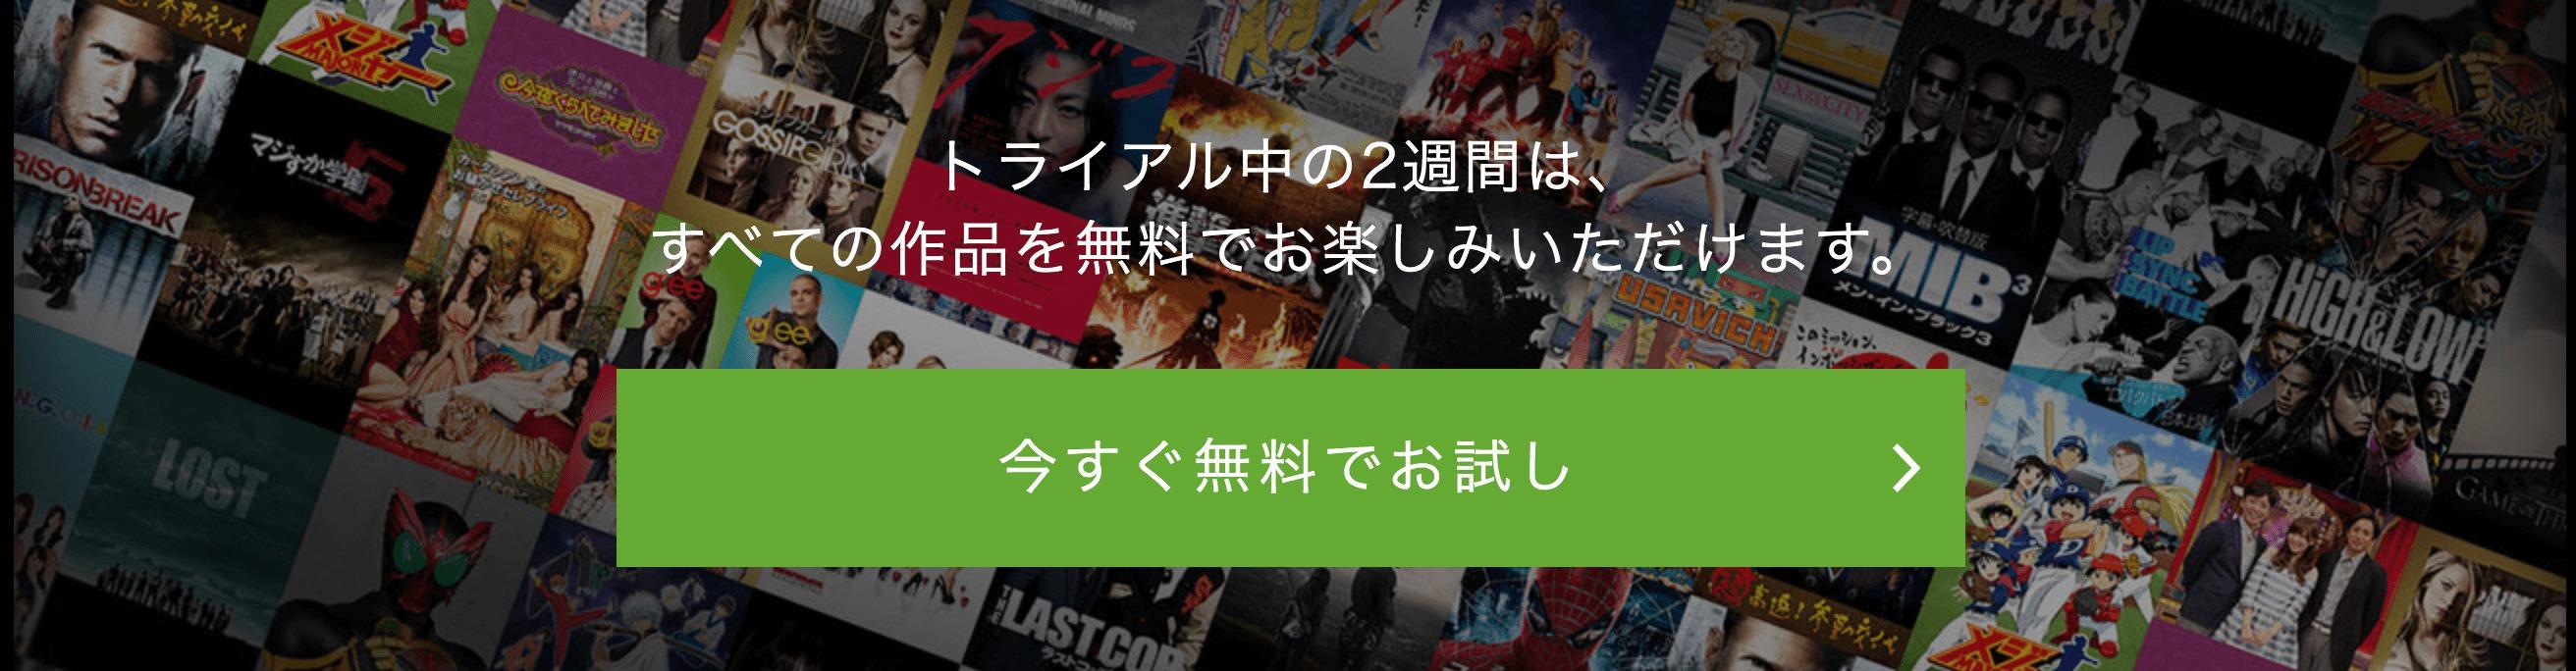 Hulu_2週間無料トライアル